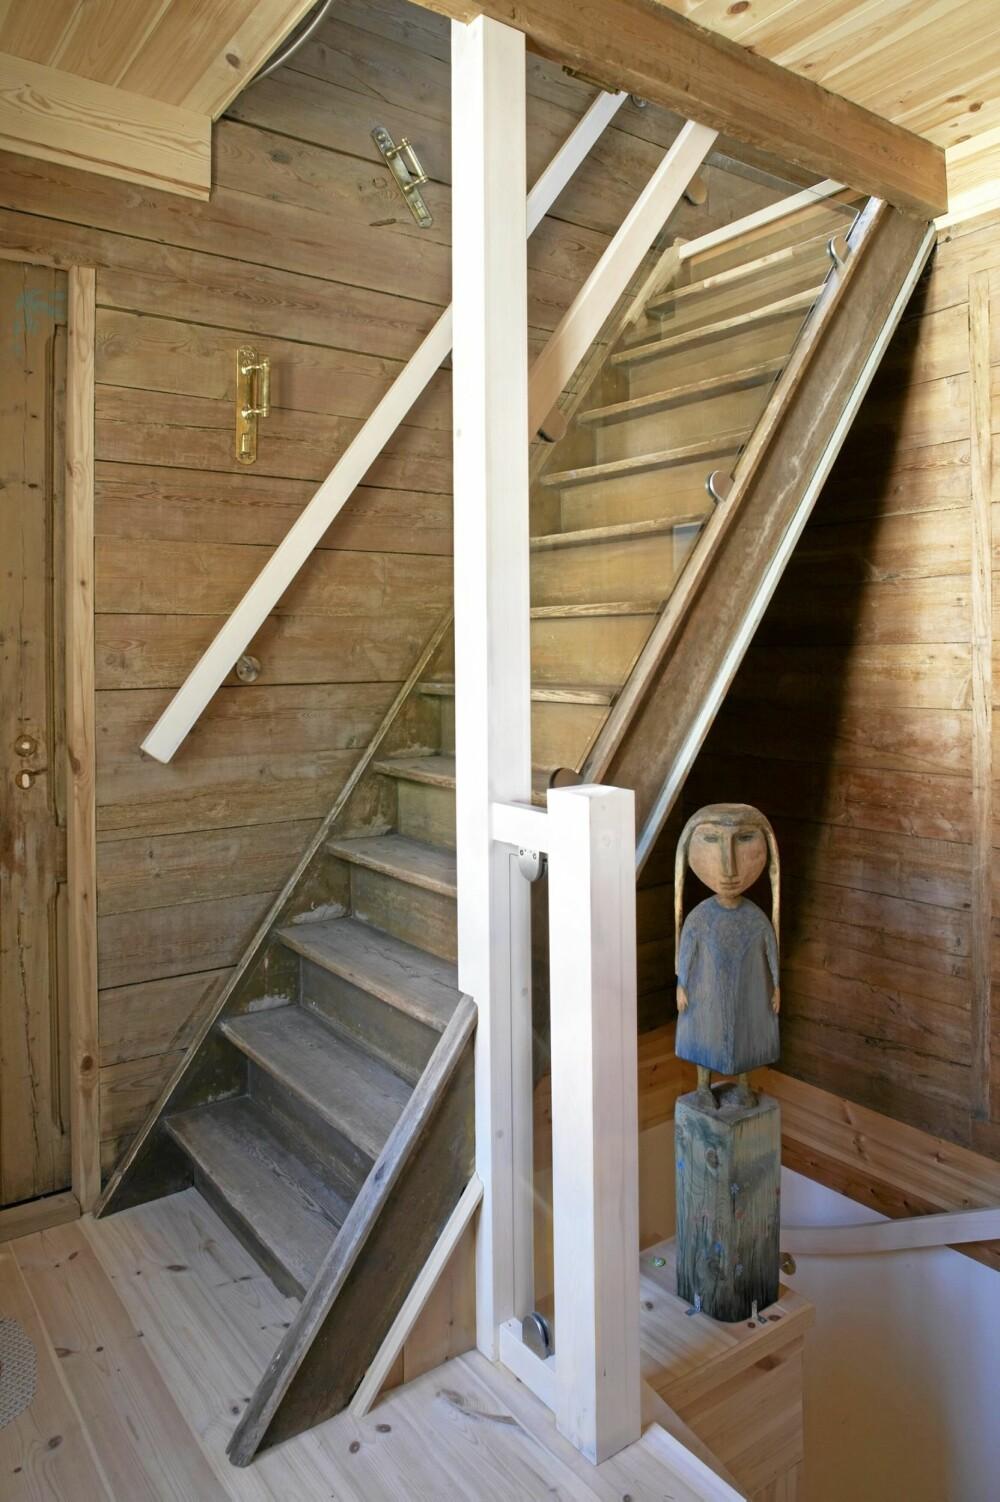 TRINNVIS. Den steile trappen fra første etasje til loftet har fått glassplate på yttersiden. På veggen er det håndtak som Nordsletten har brakt med seg fra Russland.